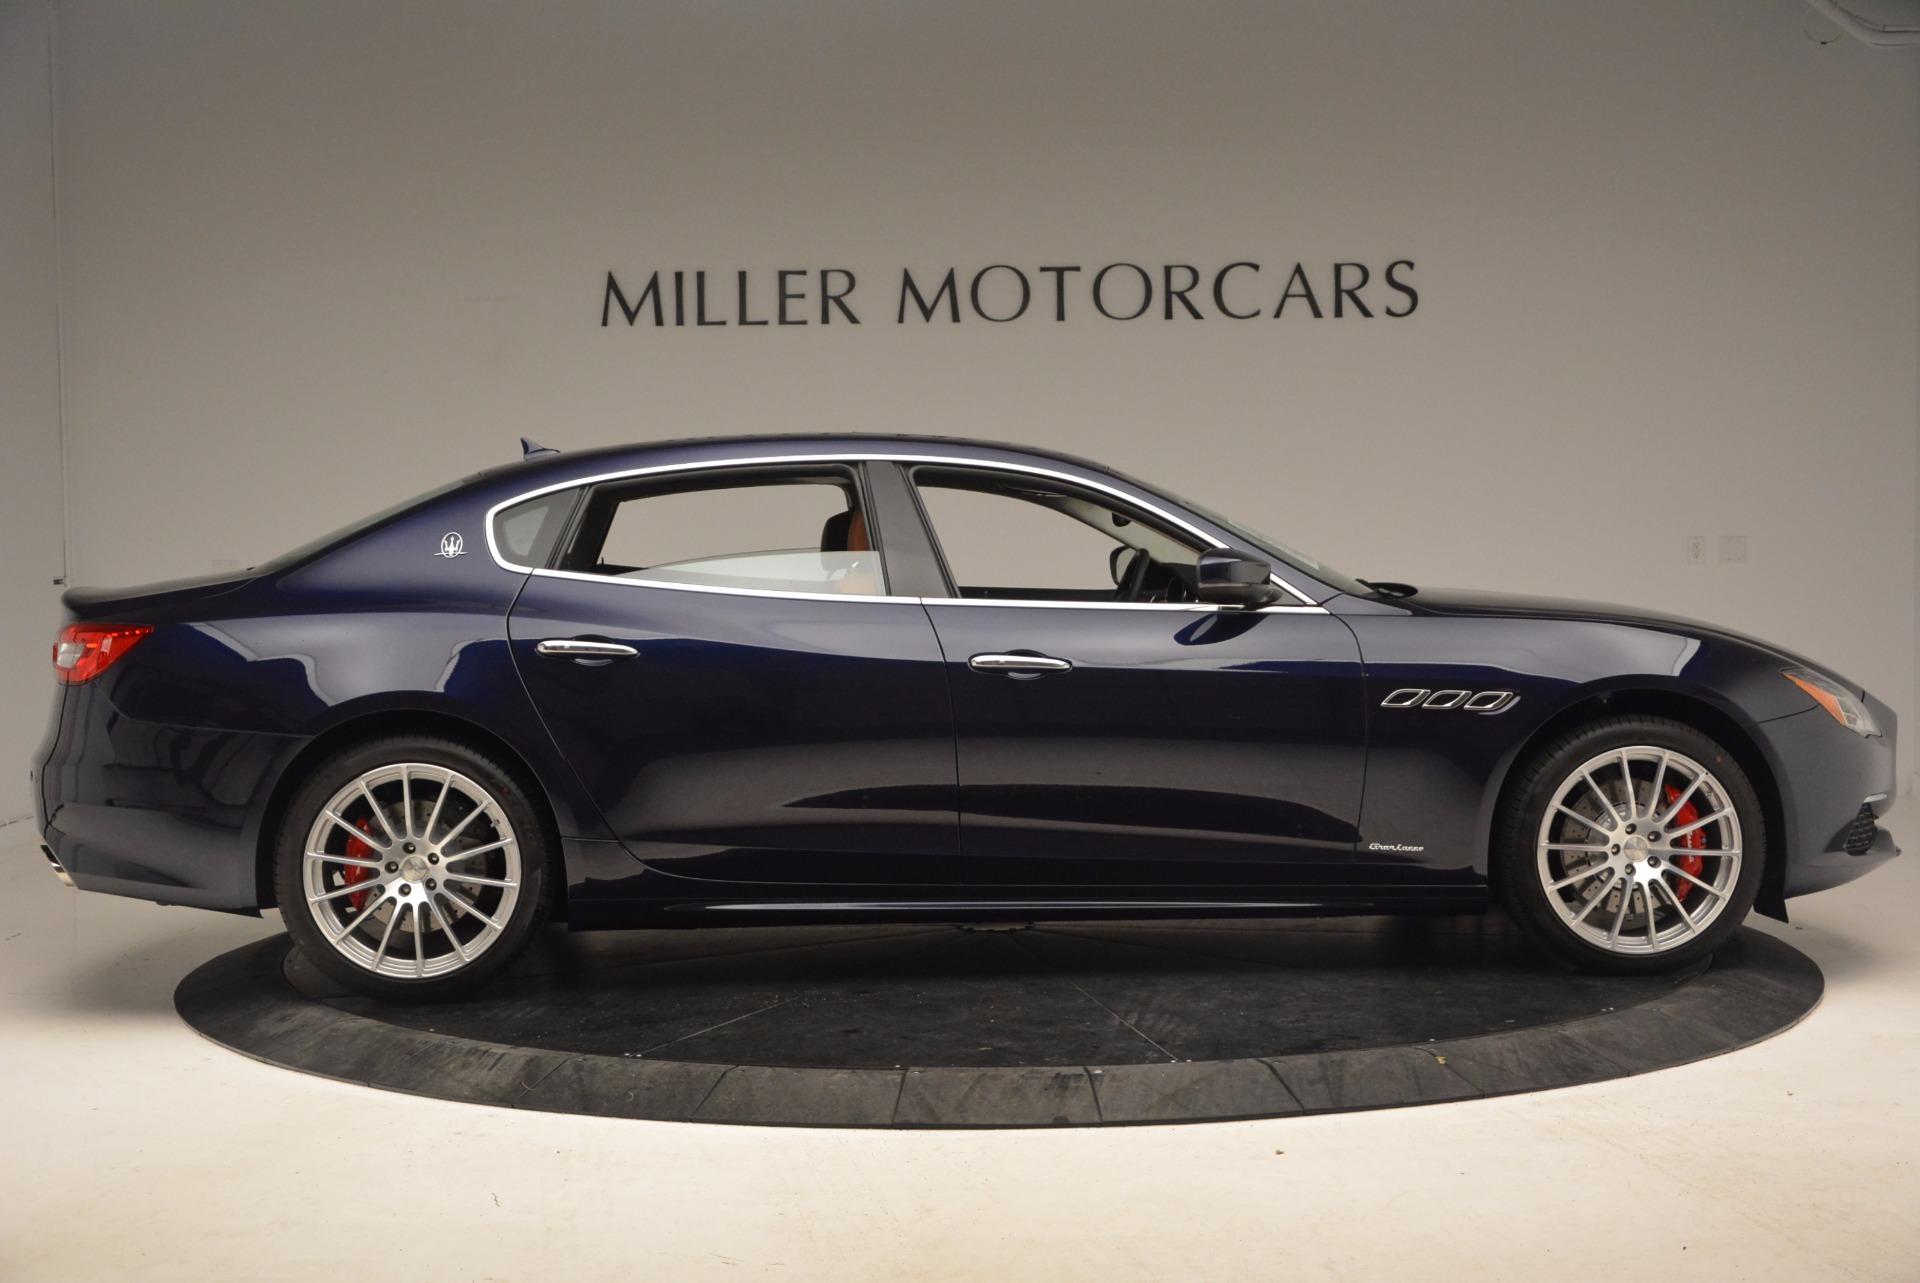 New 2018 Maserati Quattroporte S Q4 GranLusso For Sale In Westport, CT 1614_p9